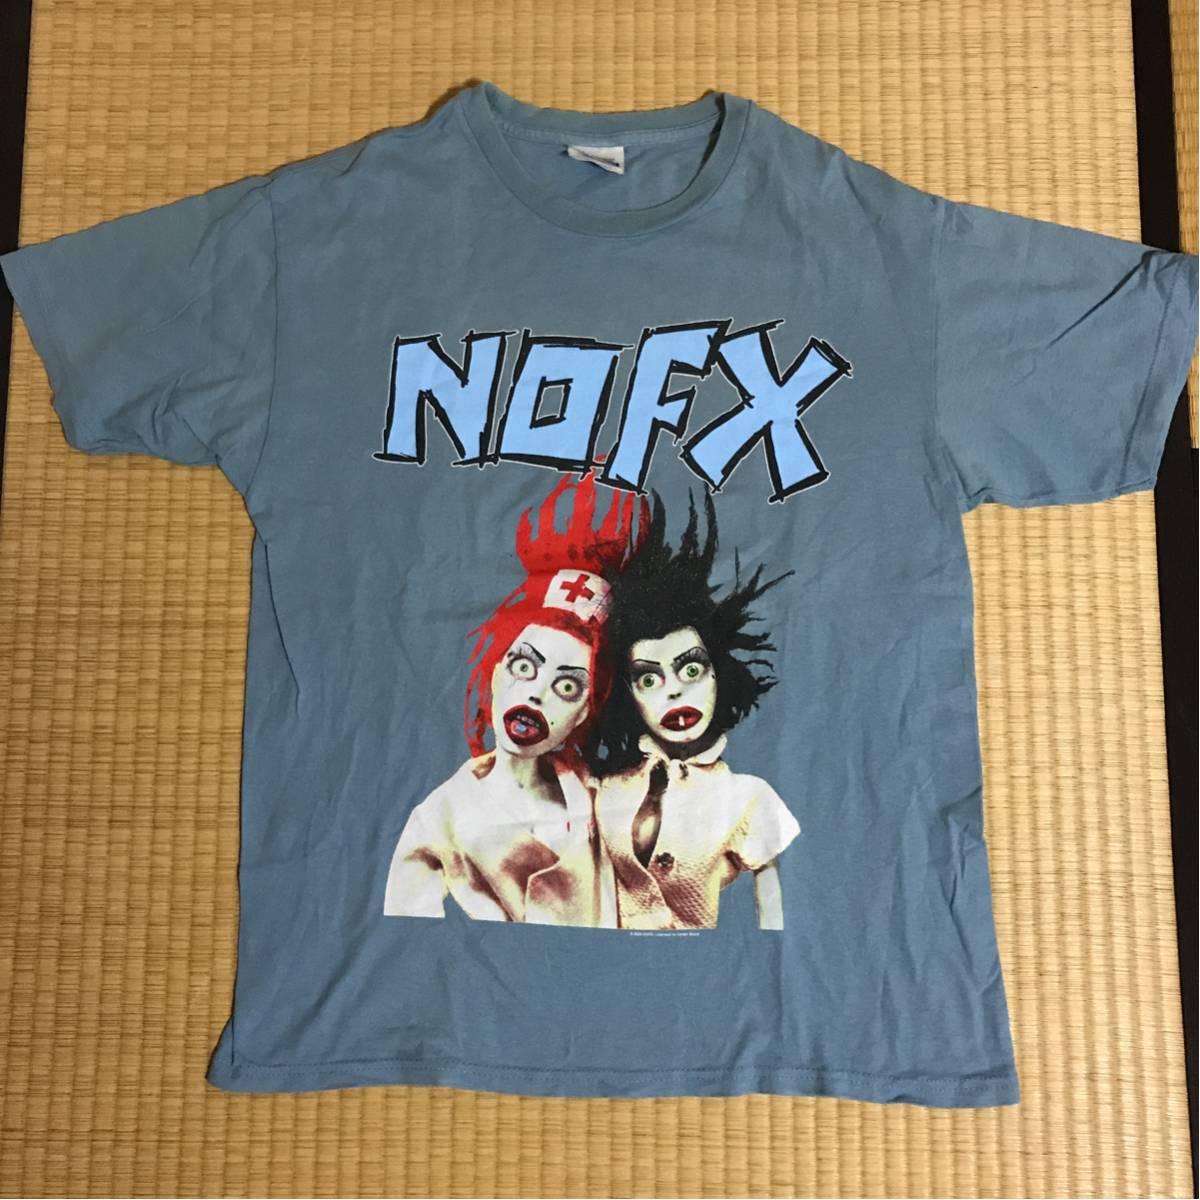 NOFX ビンテージ2000オフィシャルバンドTシャツMブルーグレー ノーエフエックス レア ライブグッズの画像